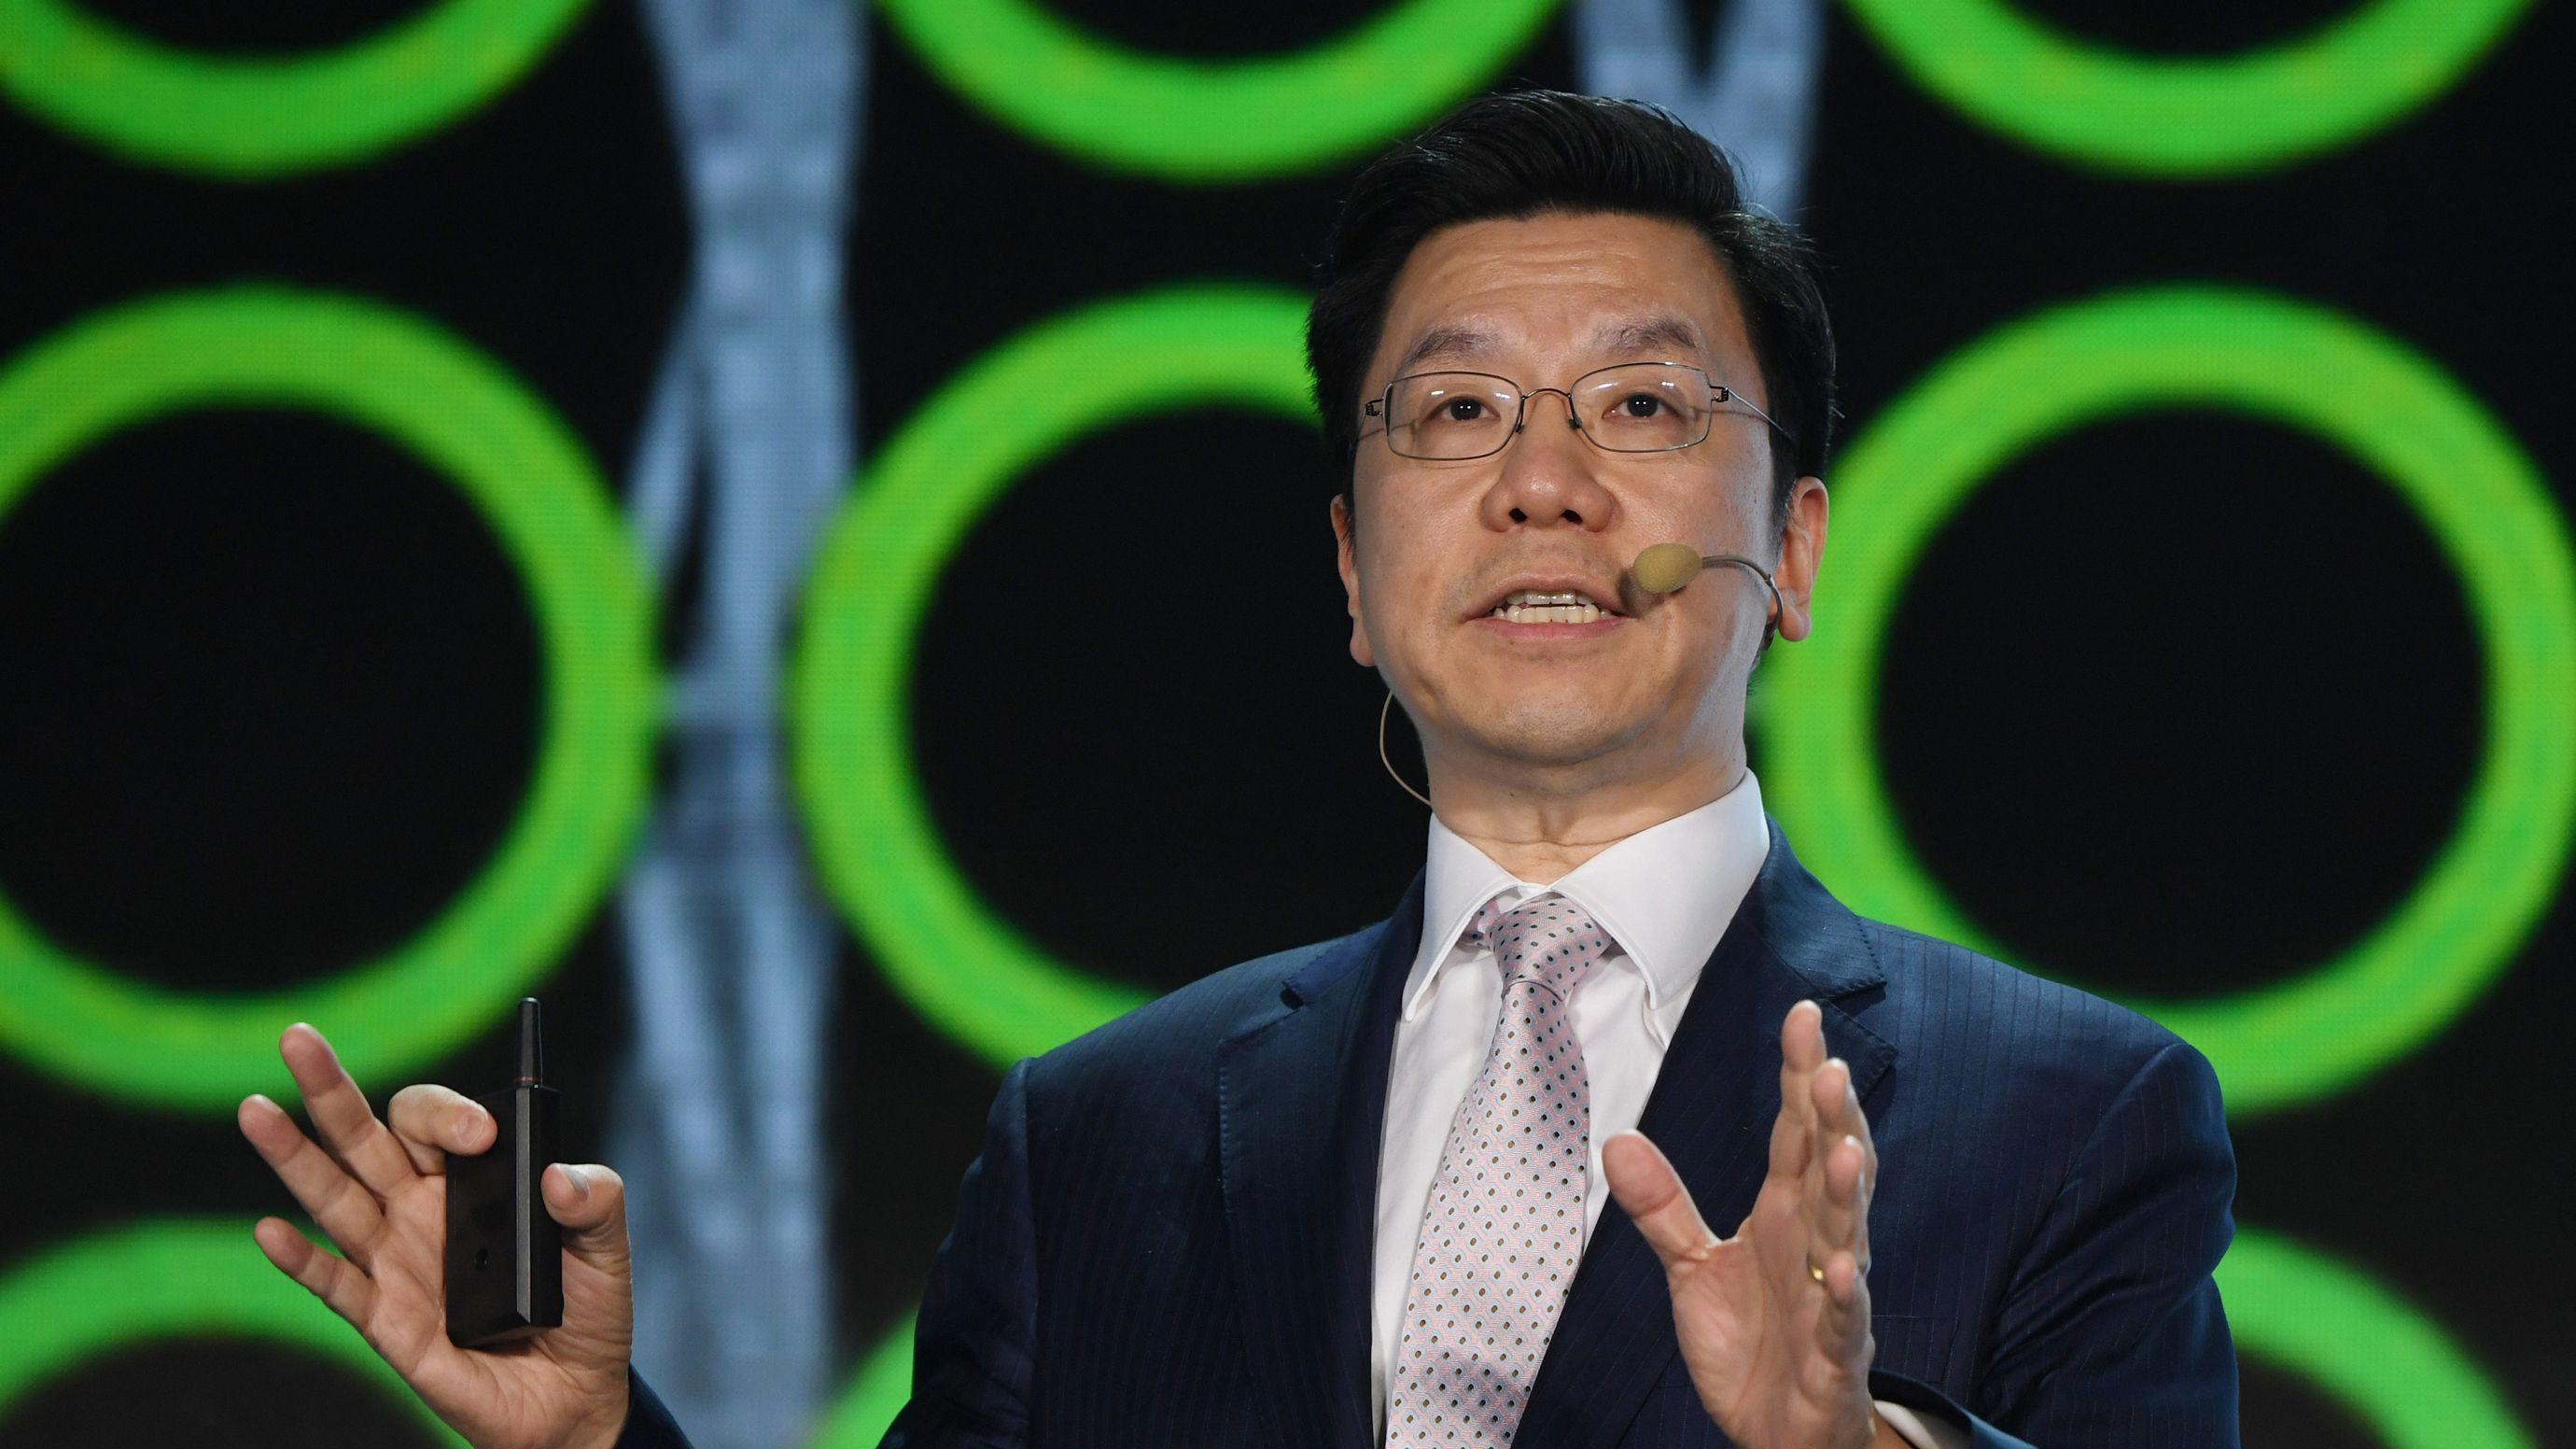 「AIはすでに仕事を奪っている」、元グーグルの中国トップが明言